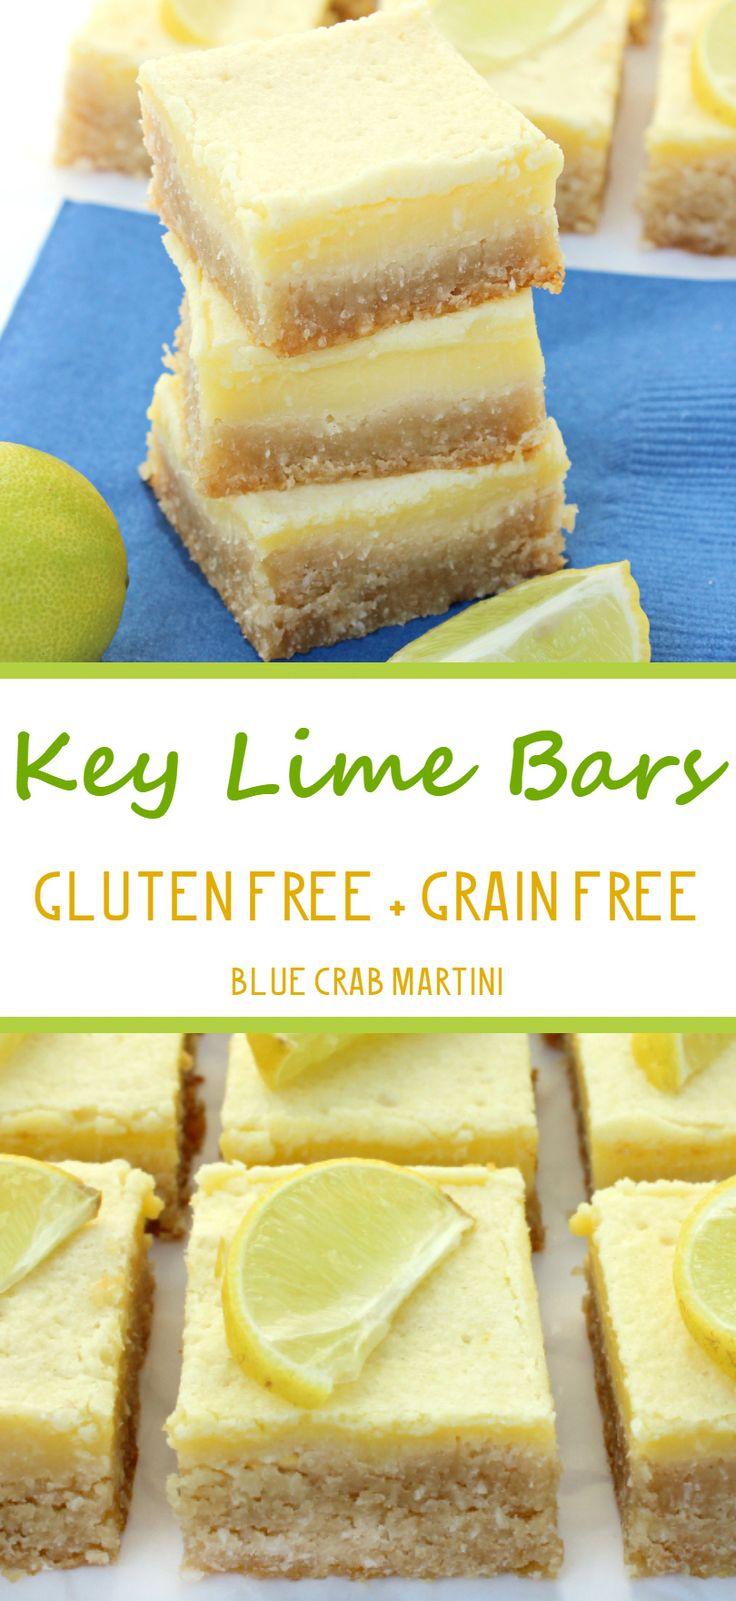 Key Lime Bars that are gluten free + grain free + contain no refined sugar #glutenfree #grainfree #paleo | Blue Crab Martini